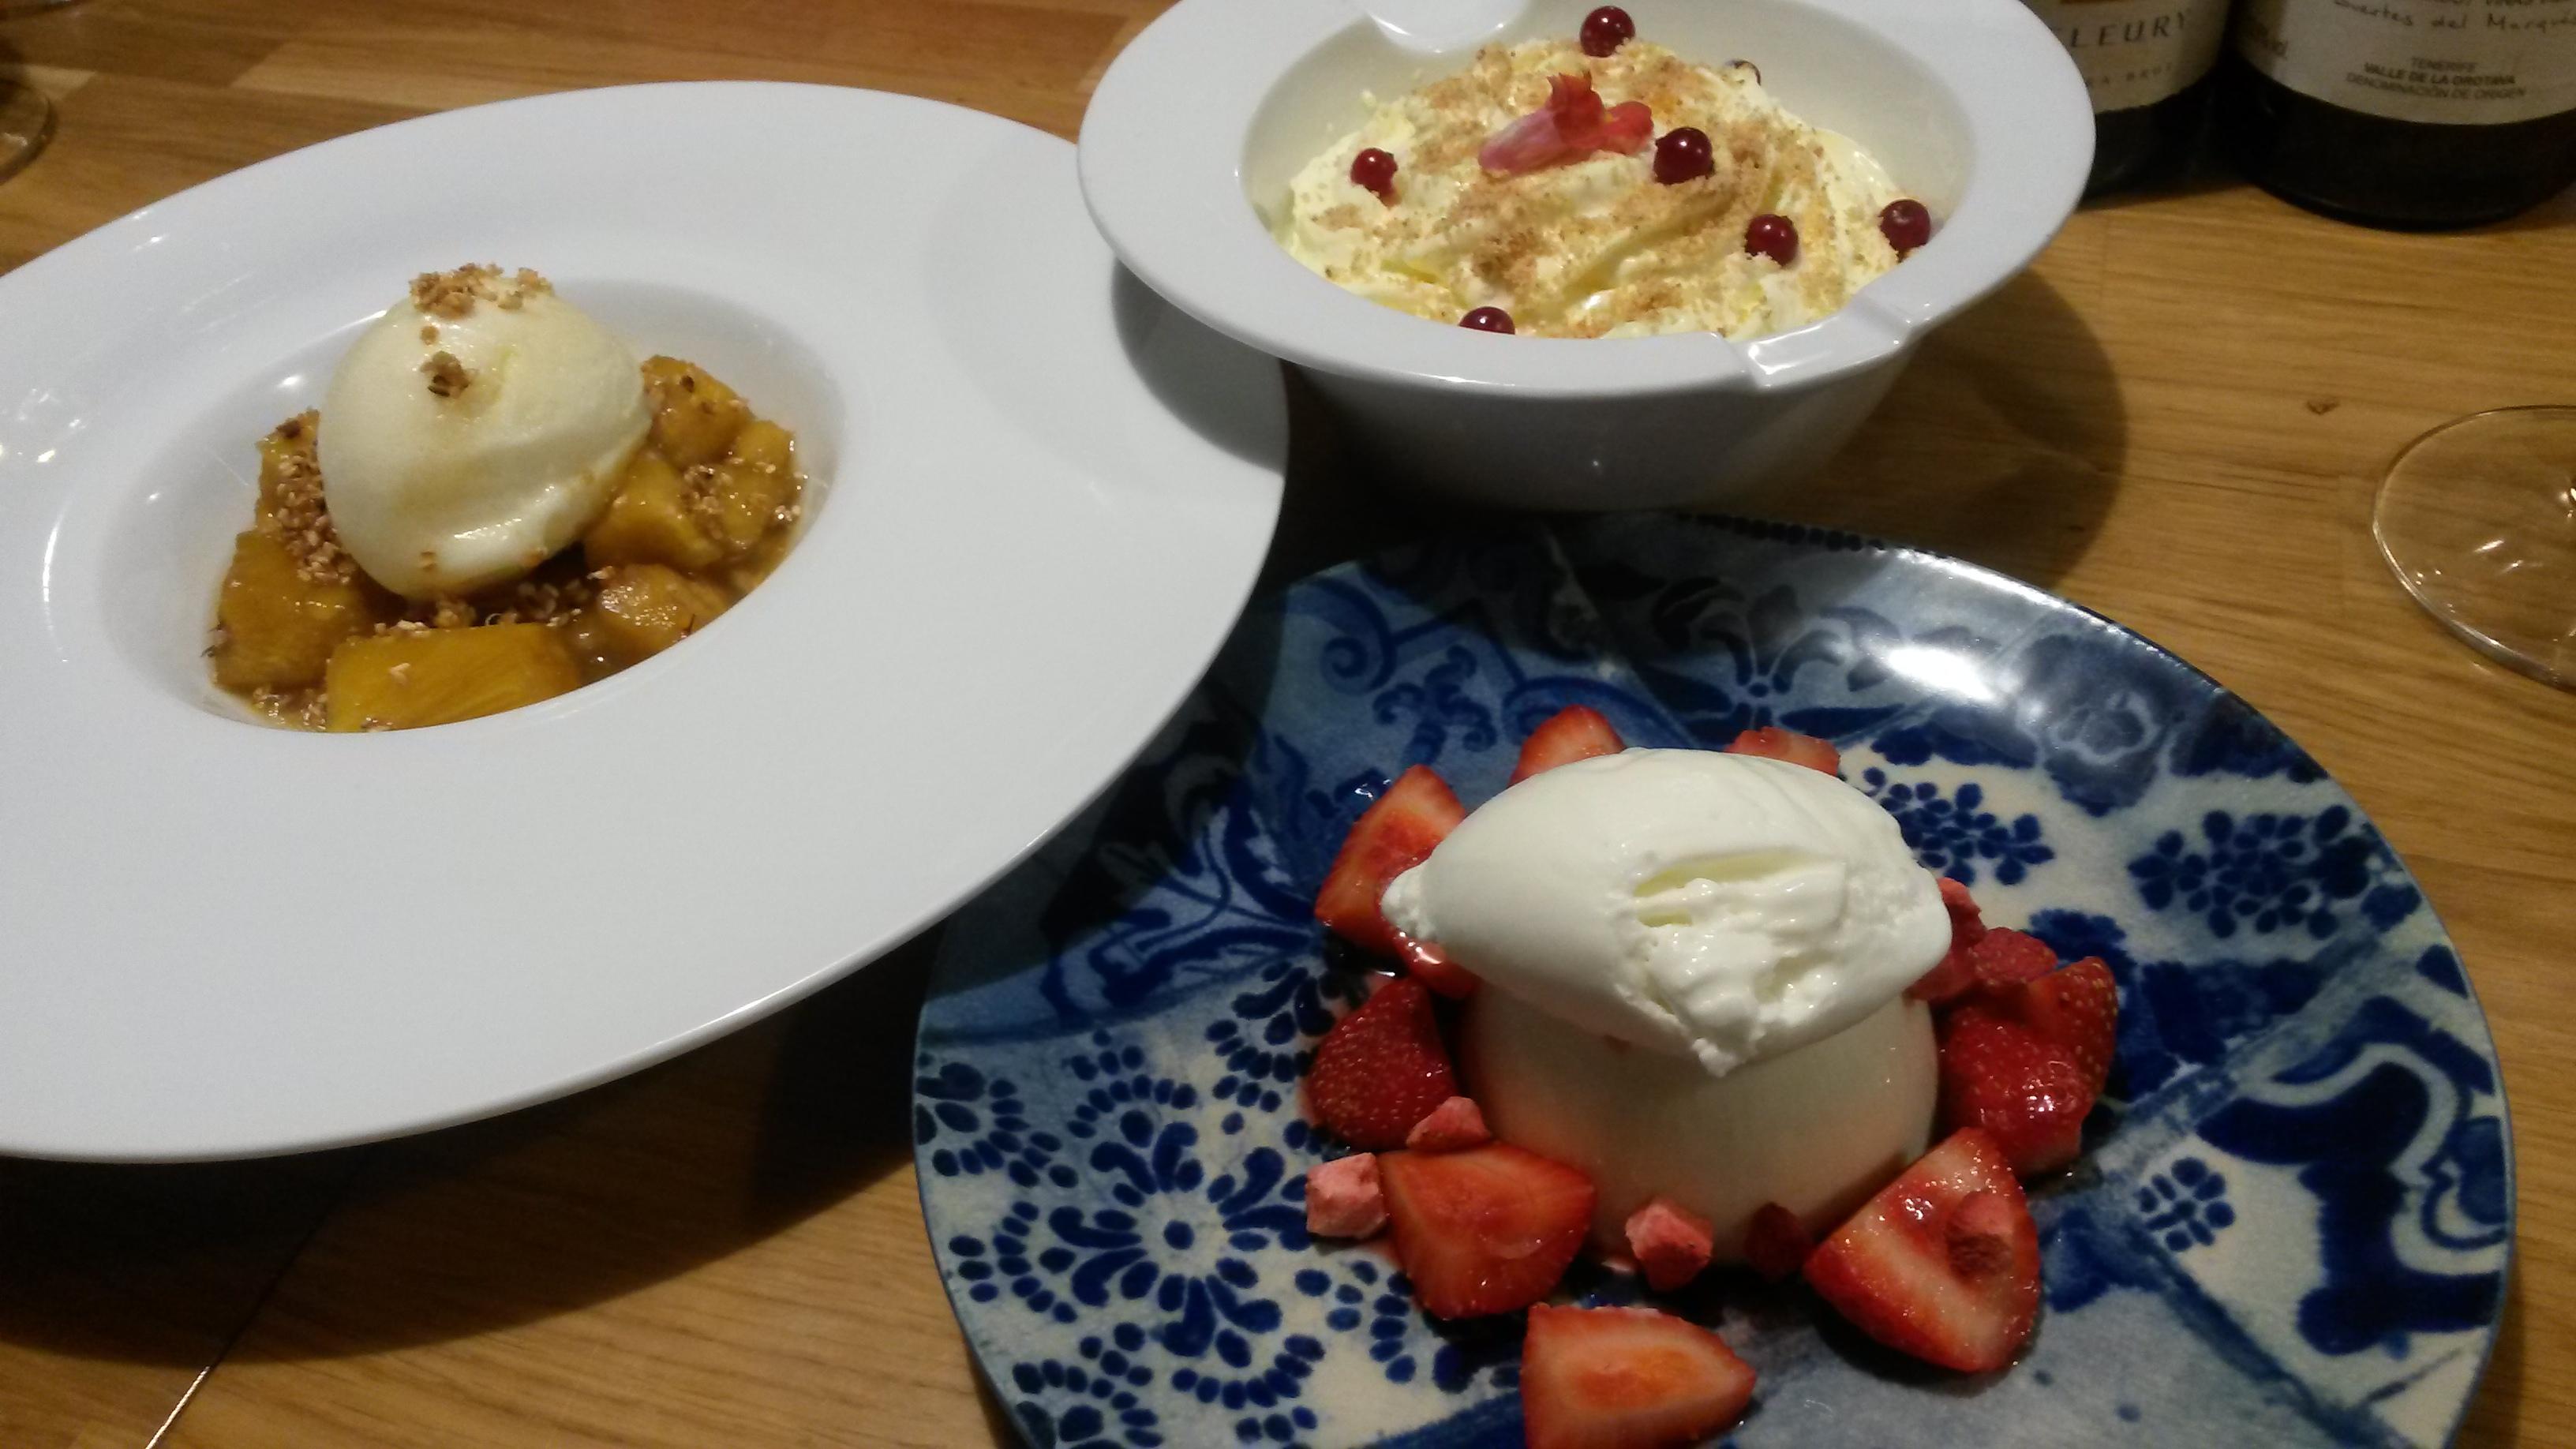 Restaurante en Madrid Mousse de queso, milhojas con piña y fresas con nata